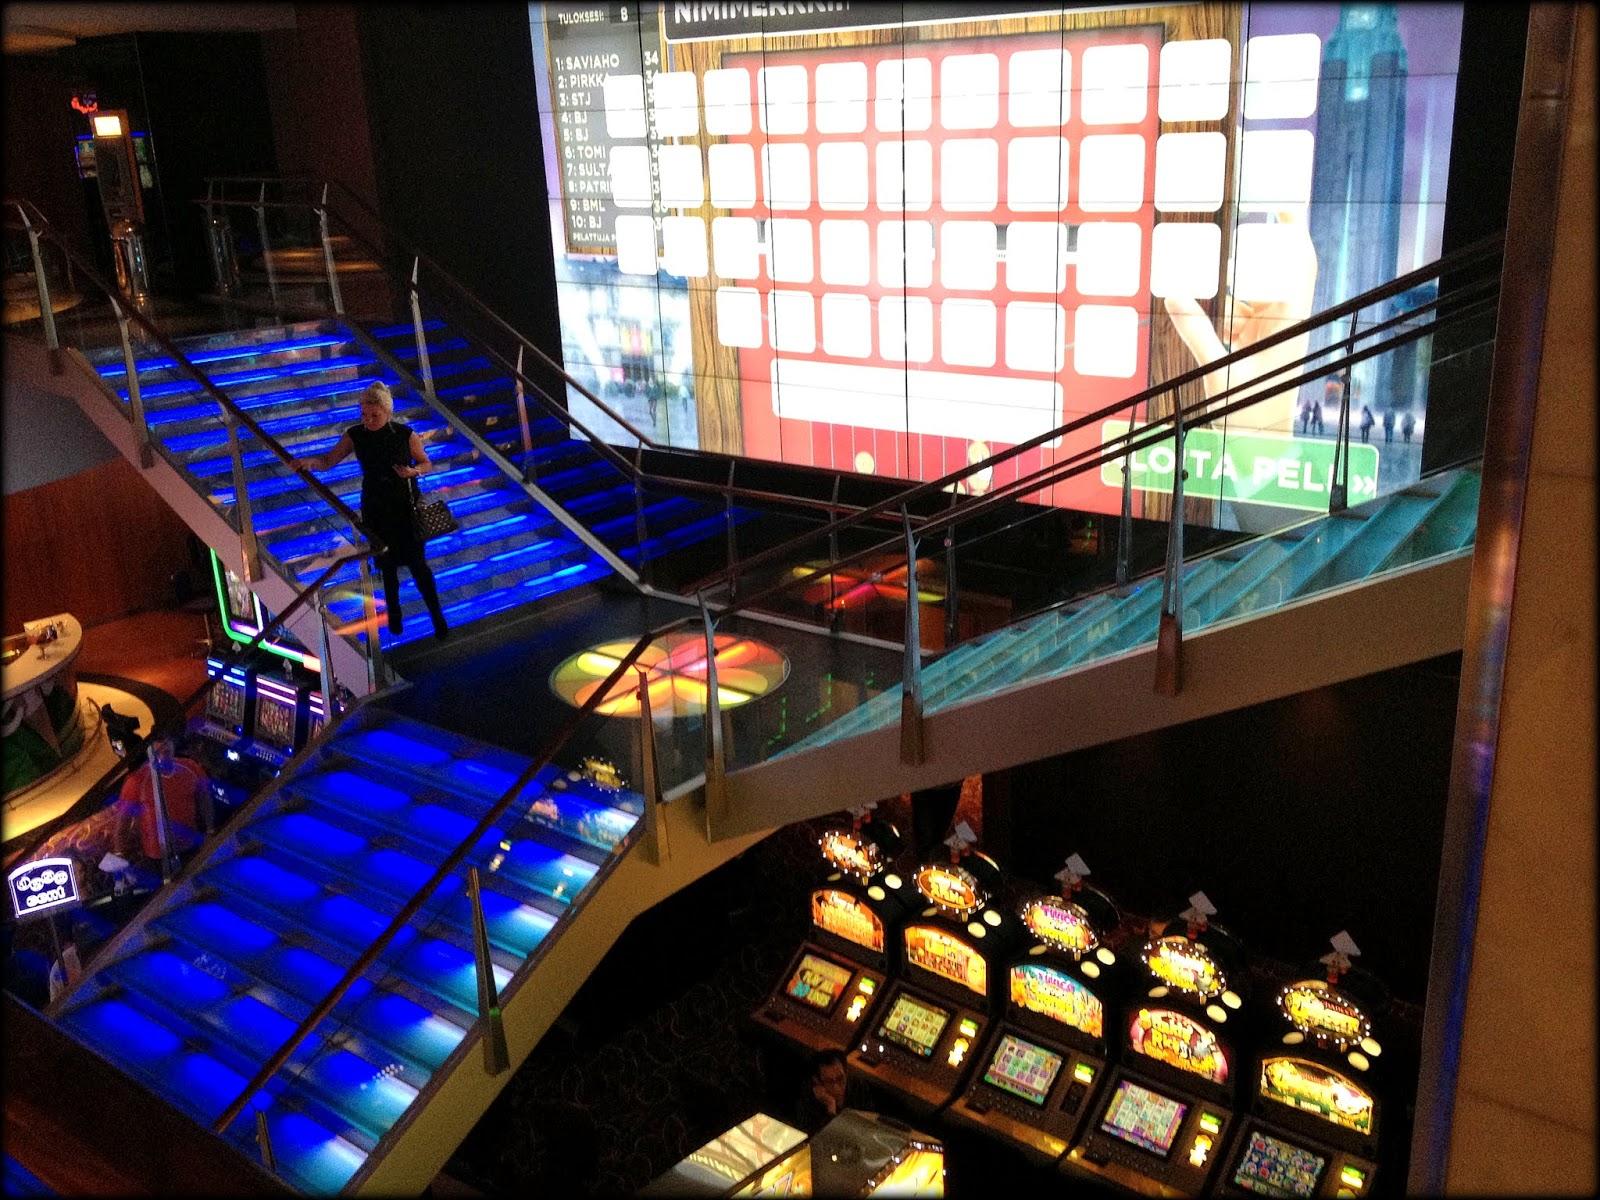 официальный сайт казино в хельсинки официальный сайт